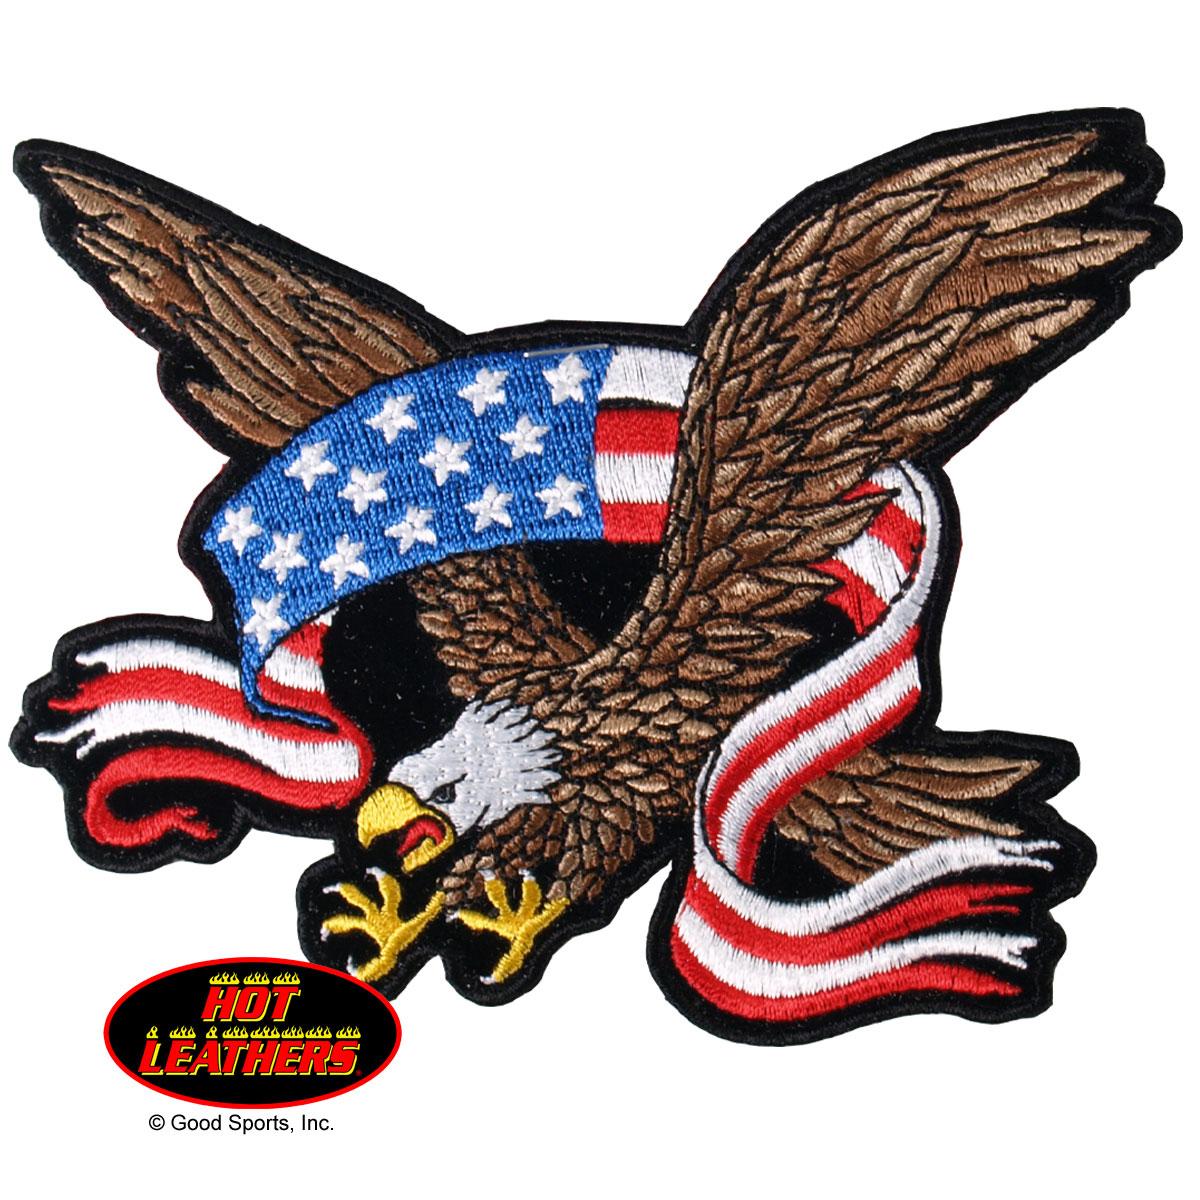 Eagle Patriotic Bald Mascot Flexing Arms Pencil Clipart.